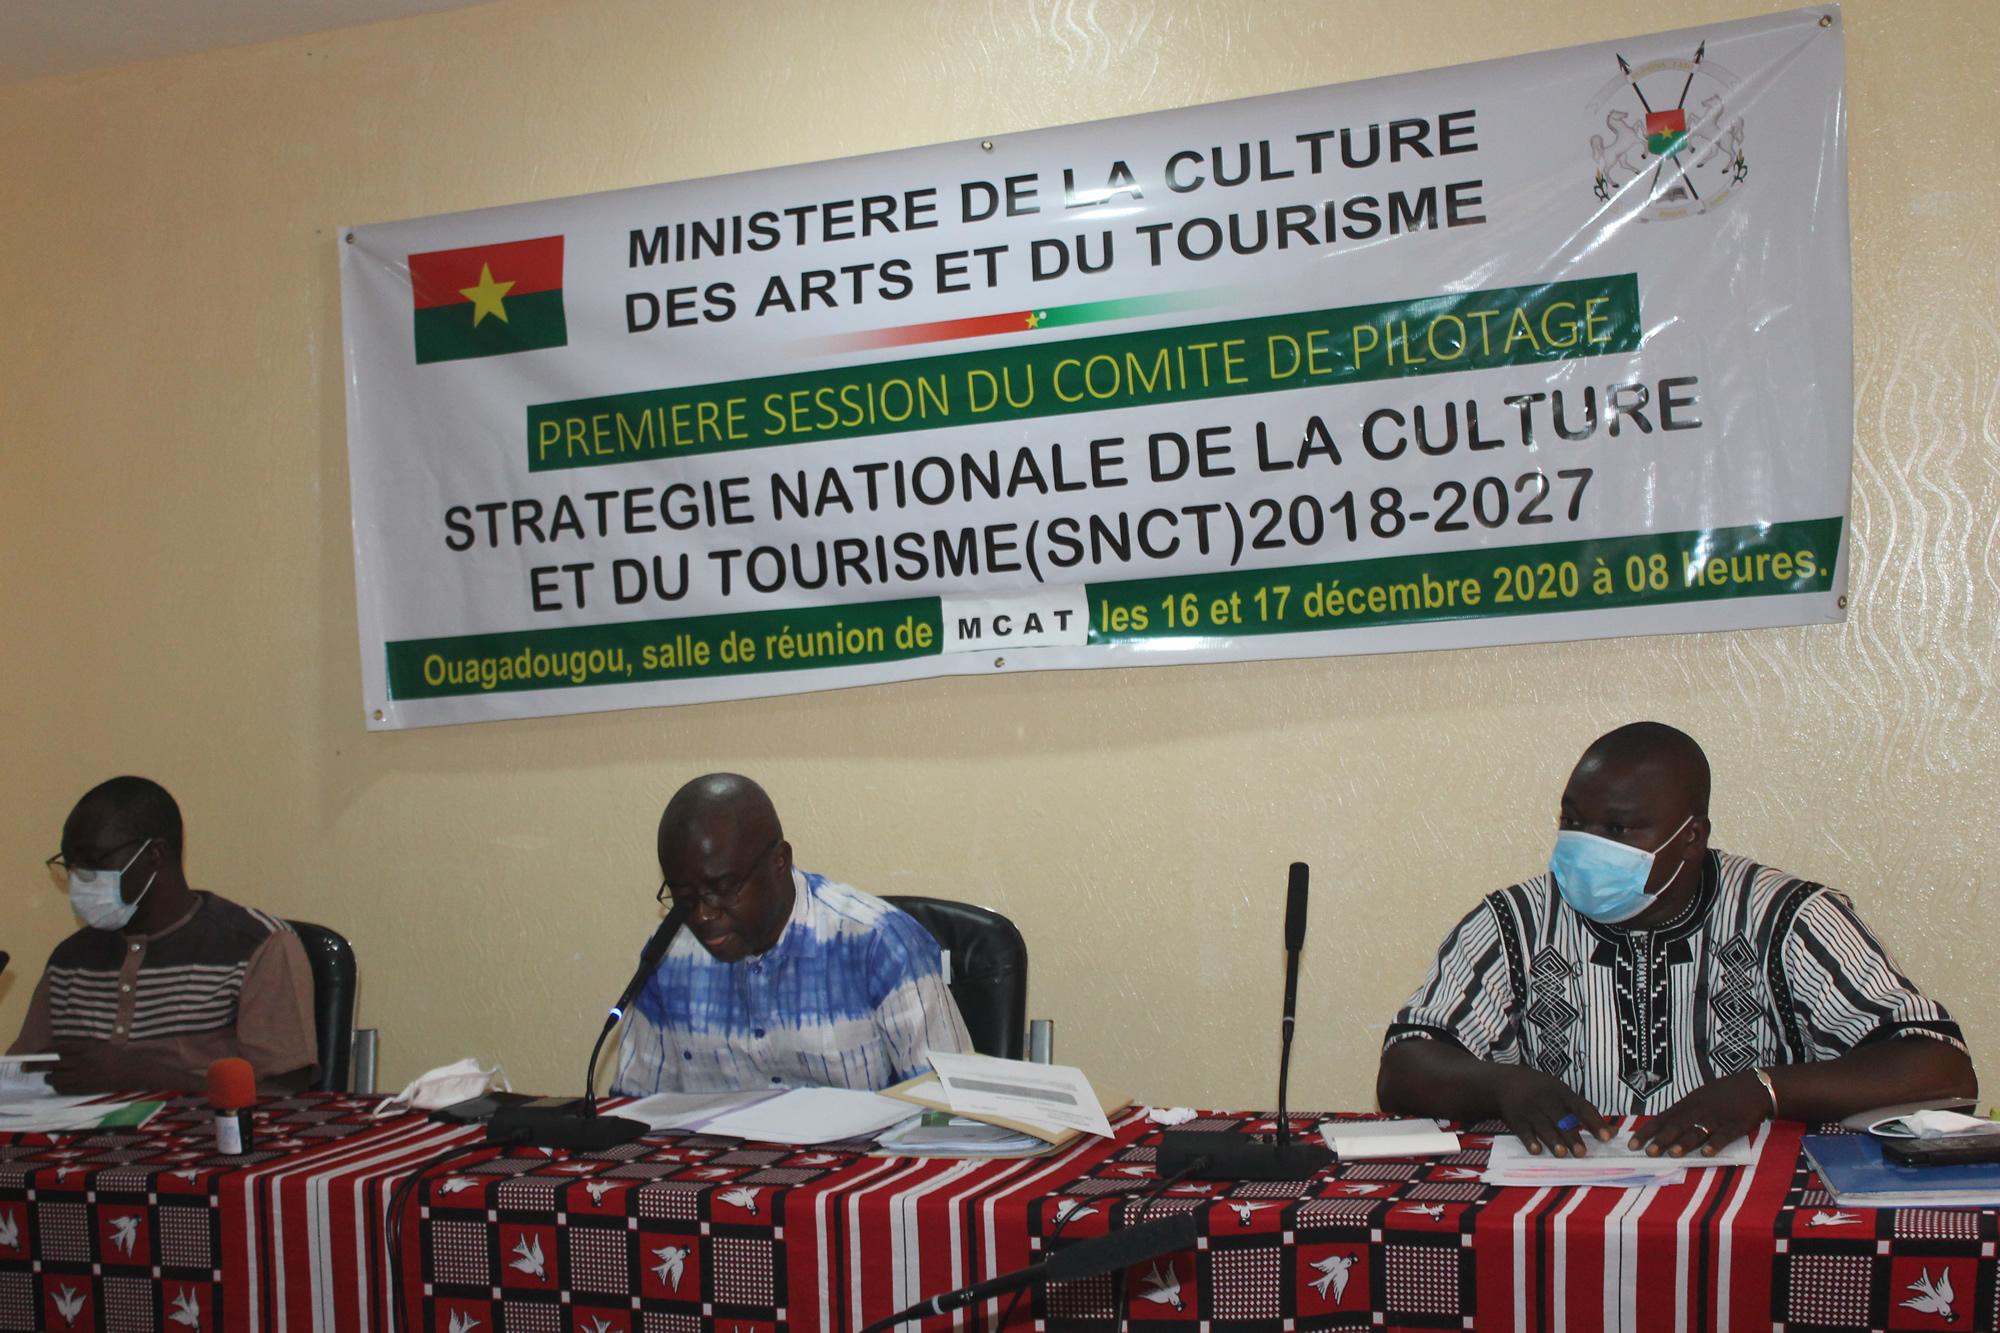 Culture : Ouverture de la première session du comité de pilotage de la stratégie nationale de la culture et du tourisme